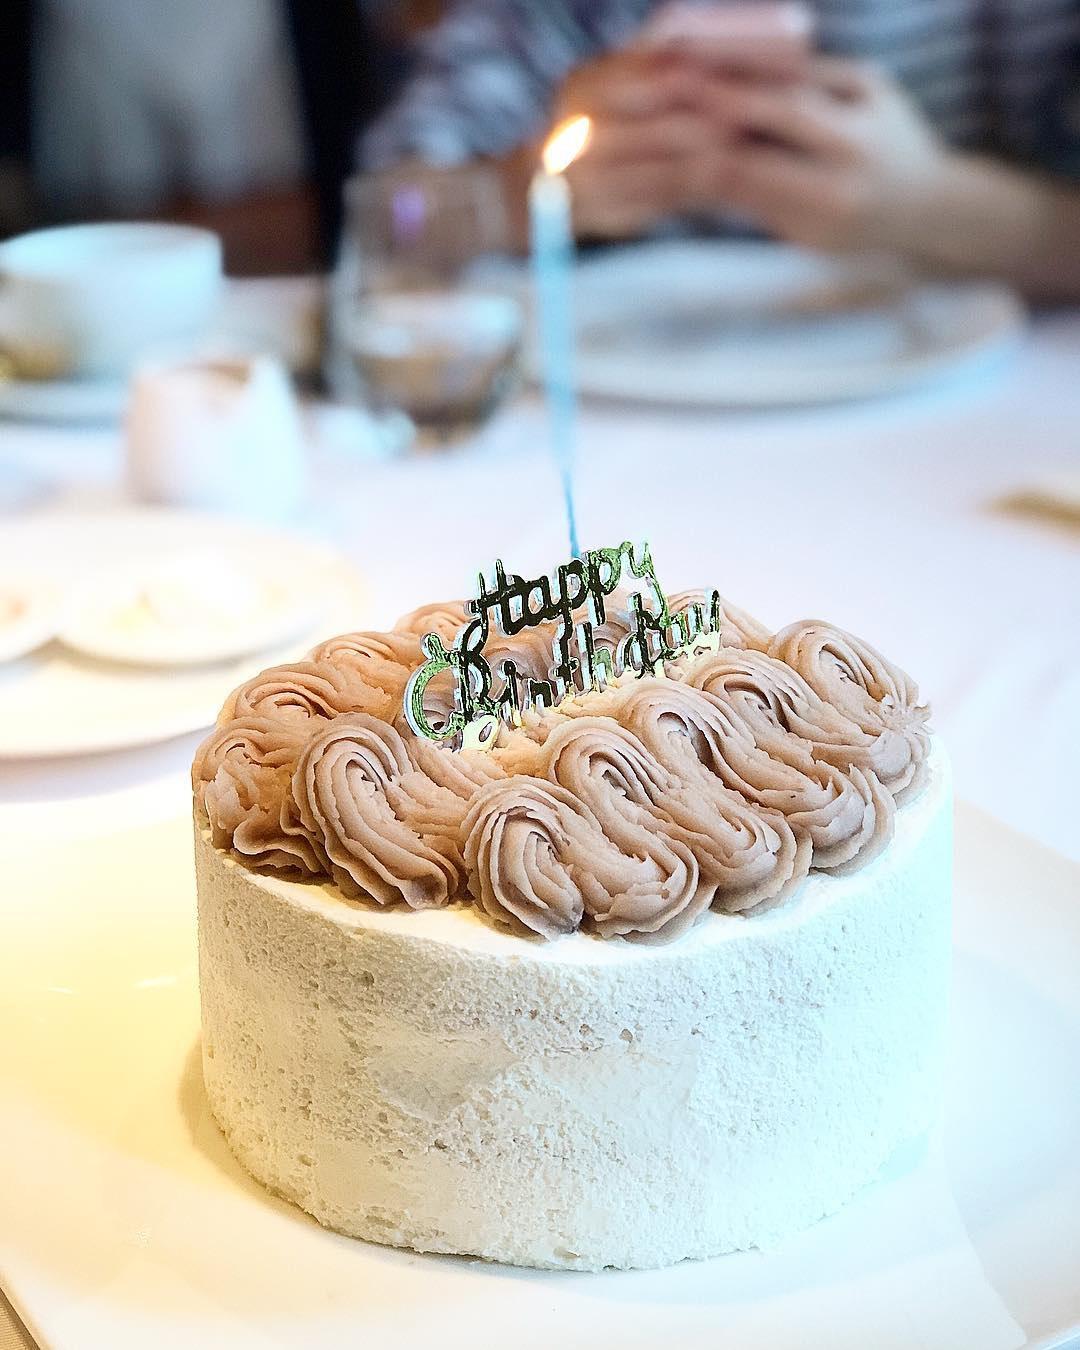 台北芋泥蛋糕 芋頭蛋糕推薦 麵包廚房